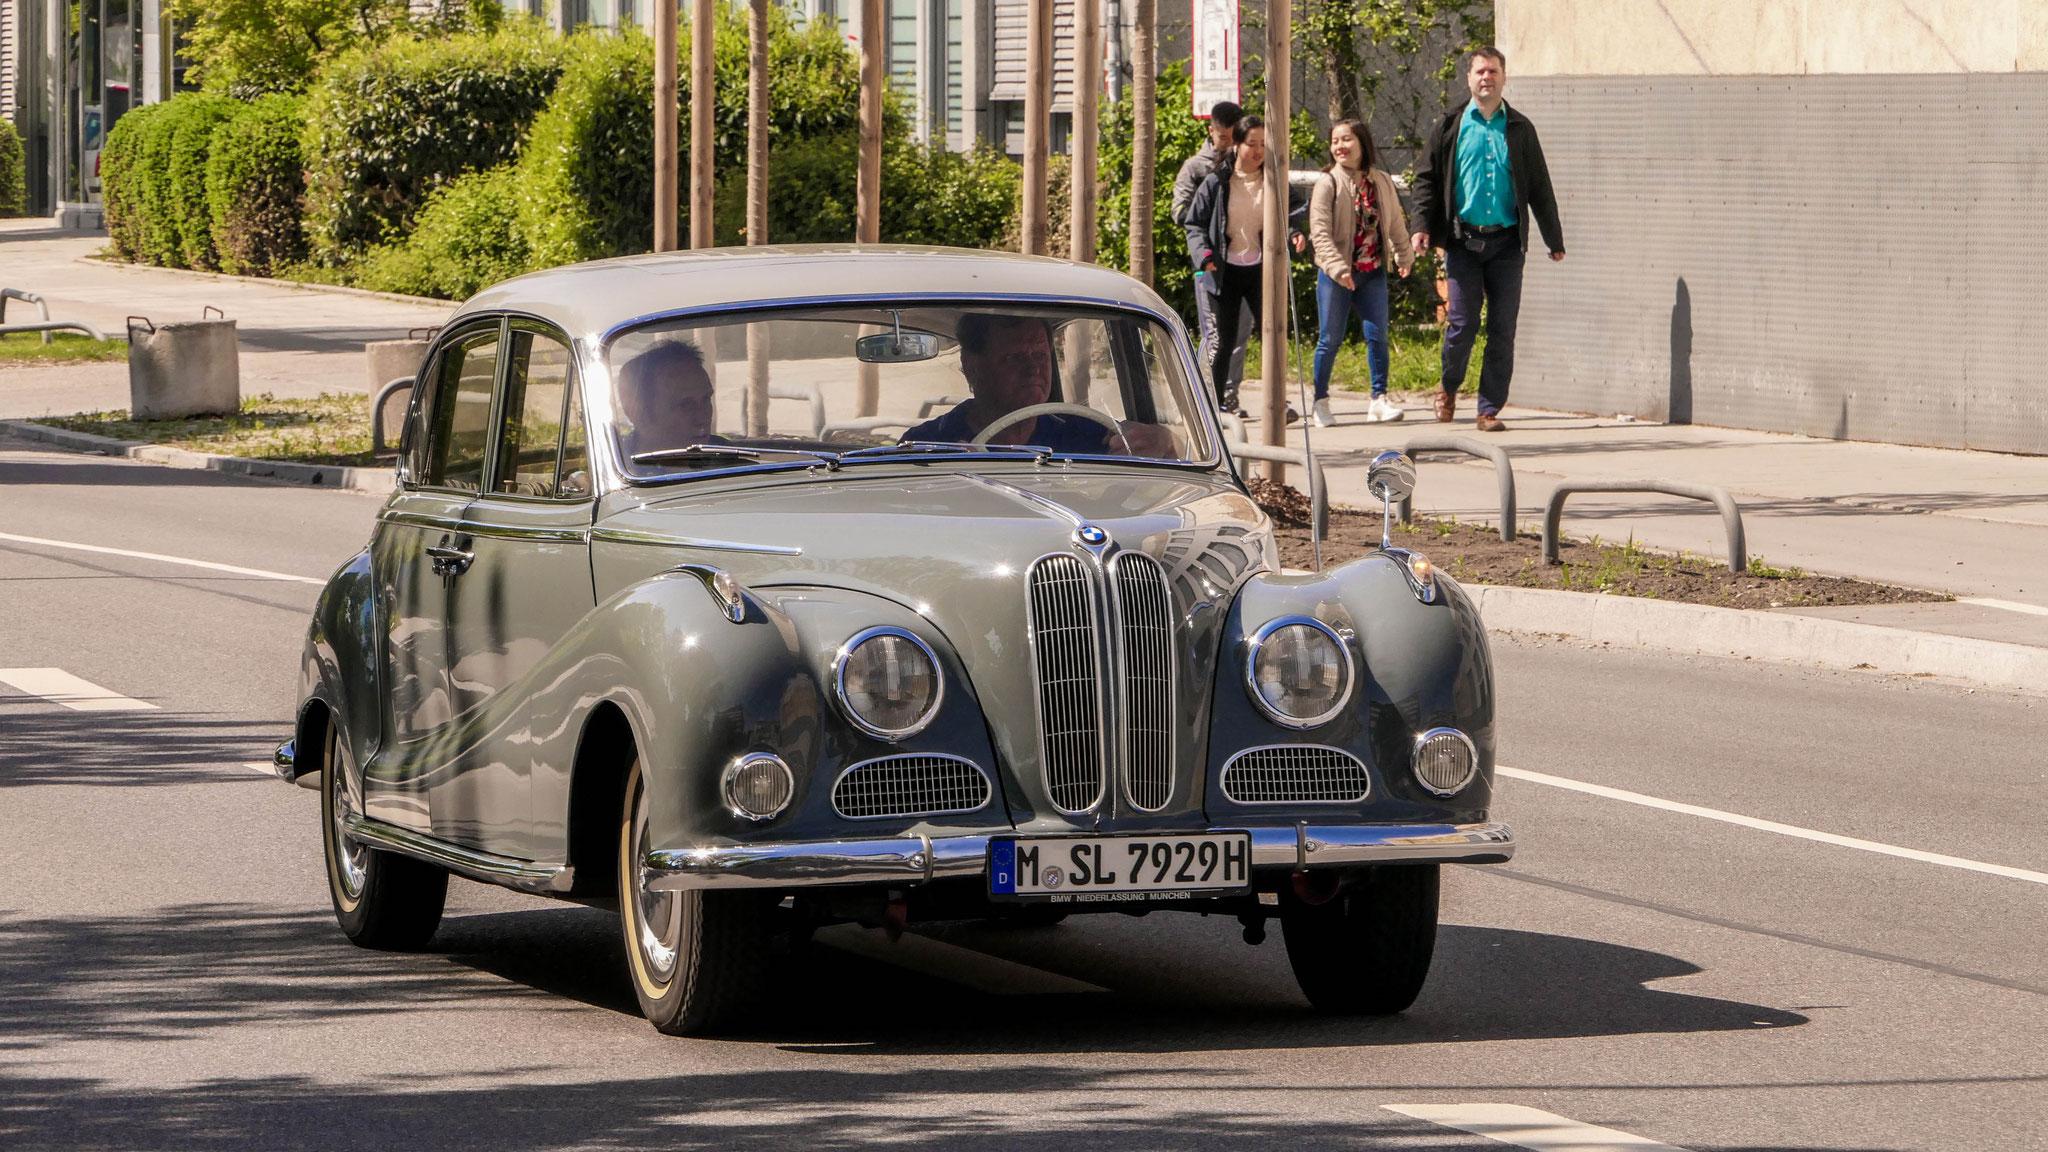 BMW 501/502 - M-SL-7927H